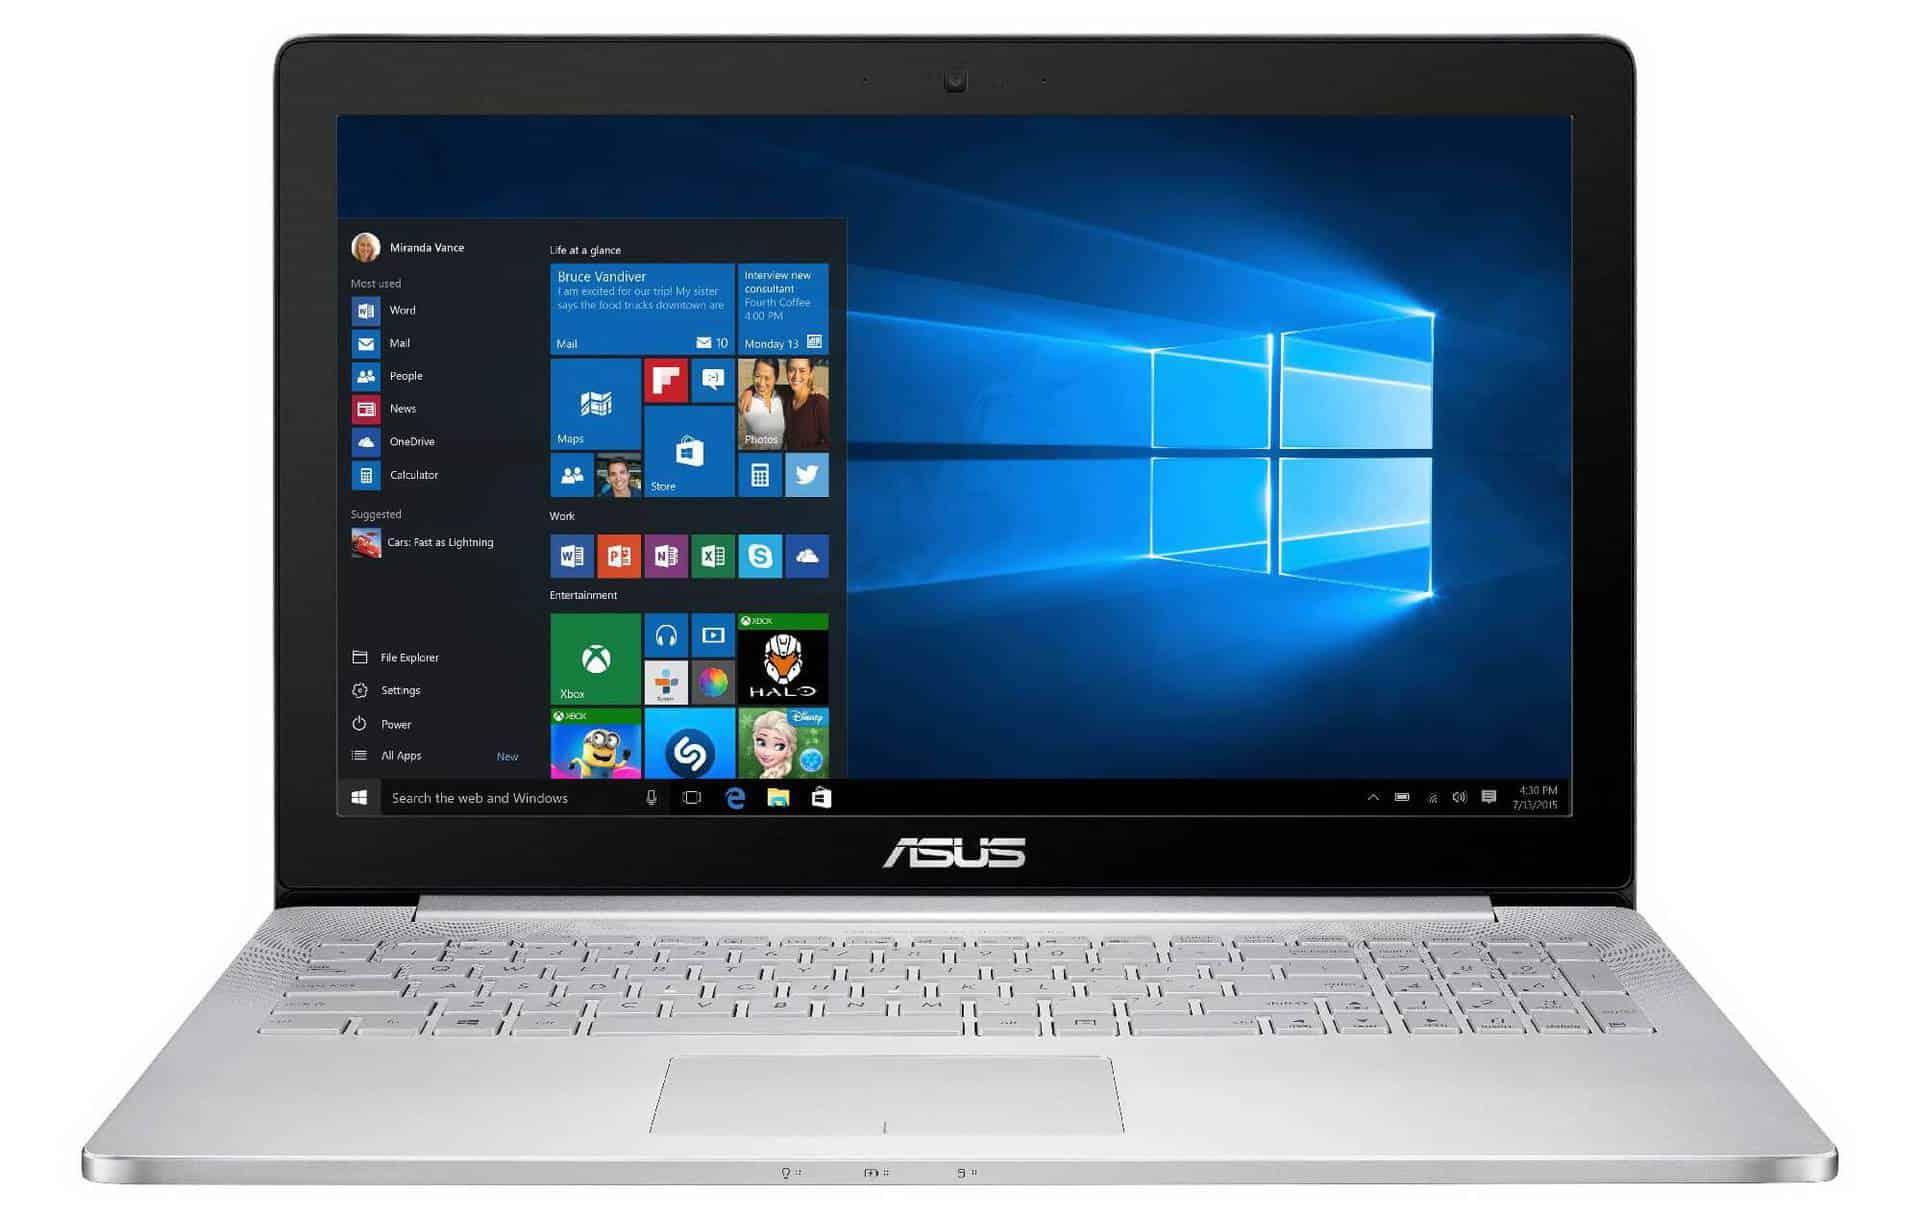 ASUS UX501VW-FJ003T - laptop cu display tactil UHD IPS si performanta de top!